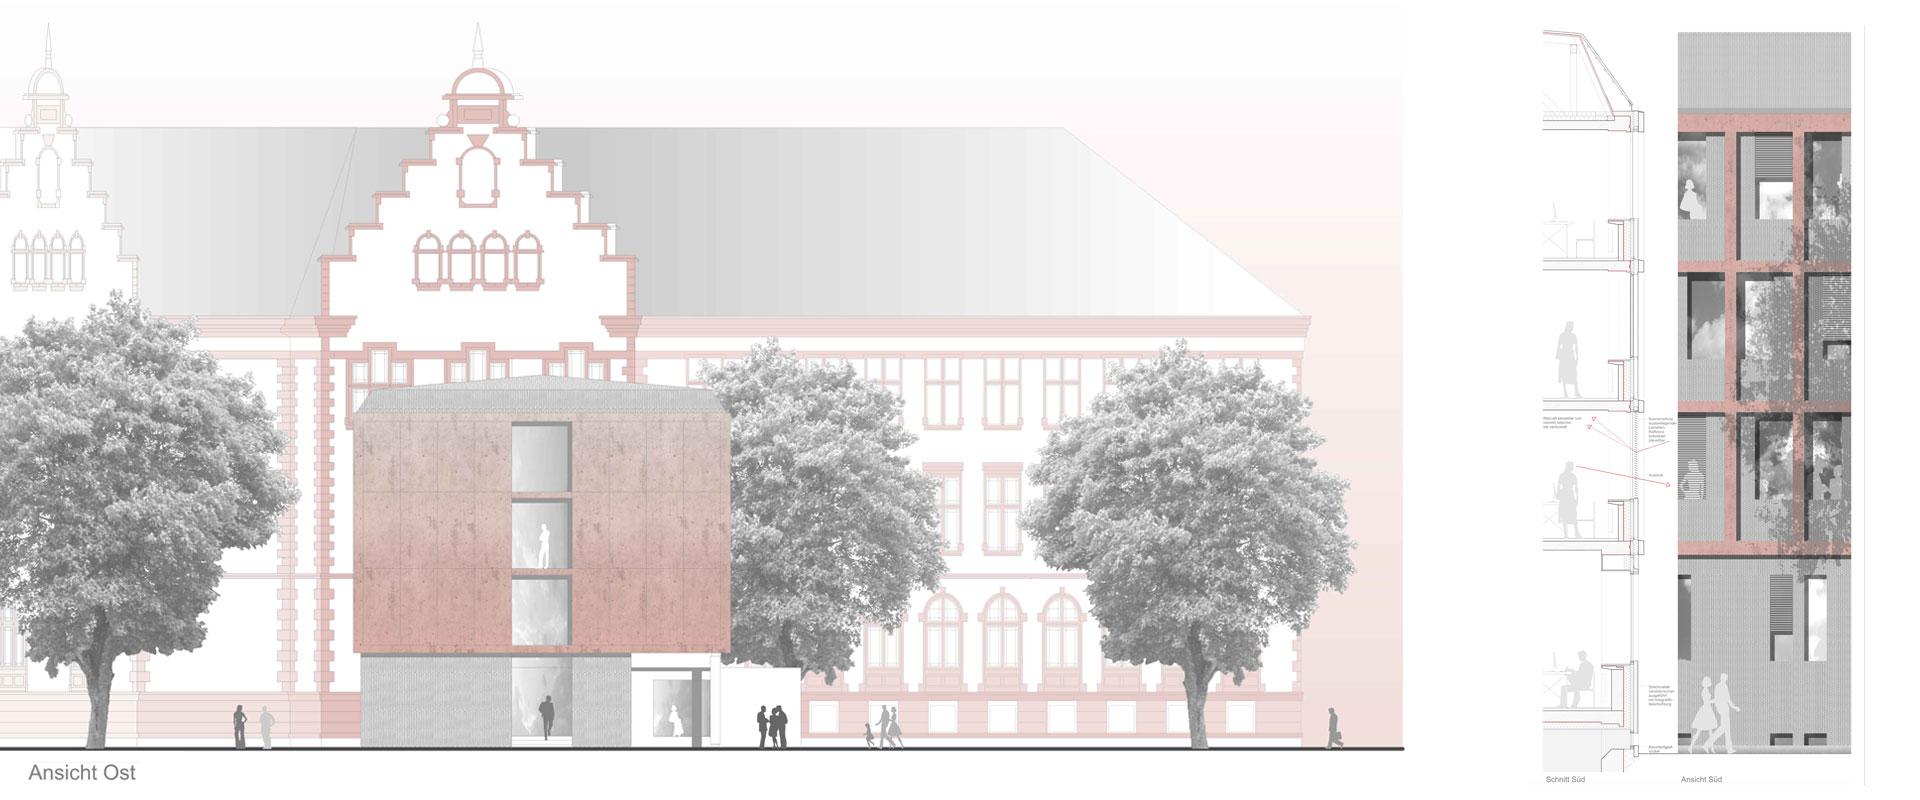 bathe+reber_architektur_wettbewerb_rathausfassade_hamm_04